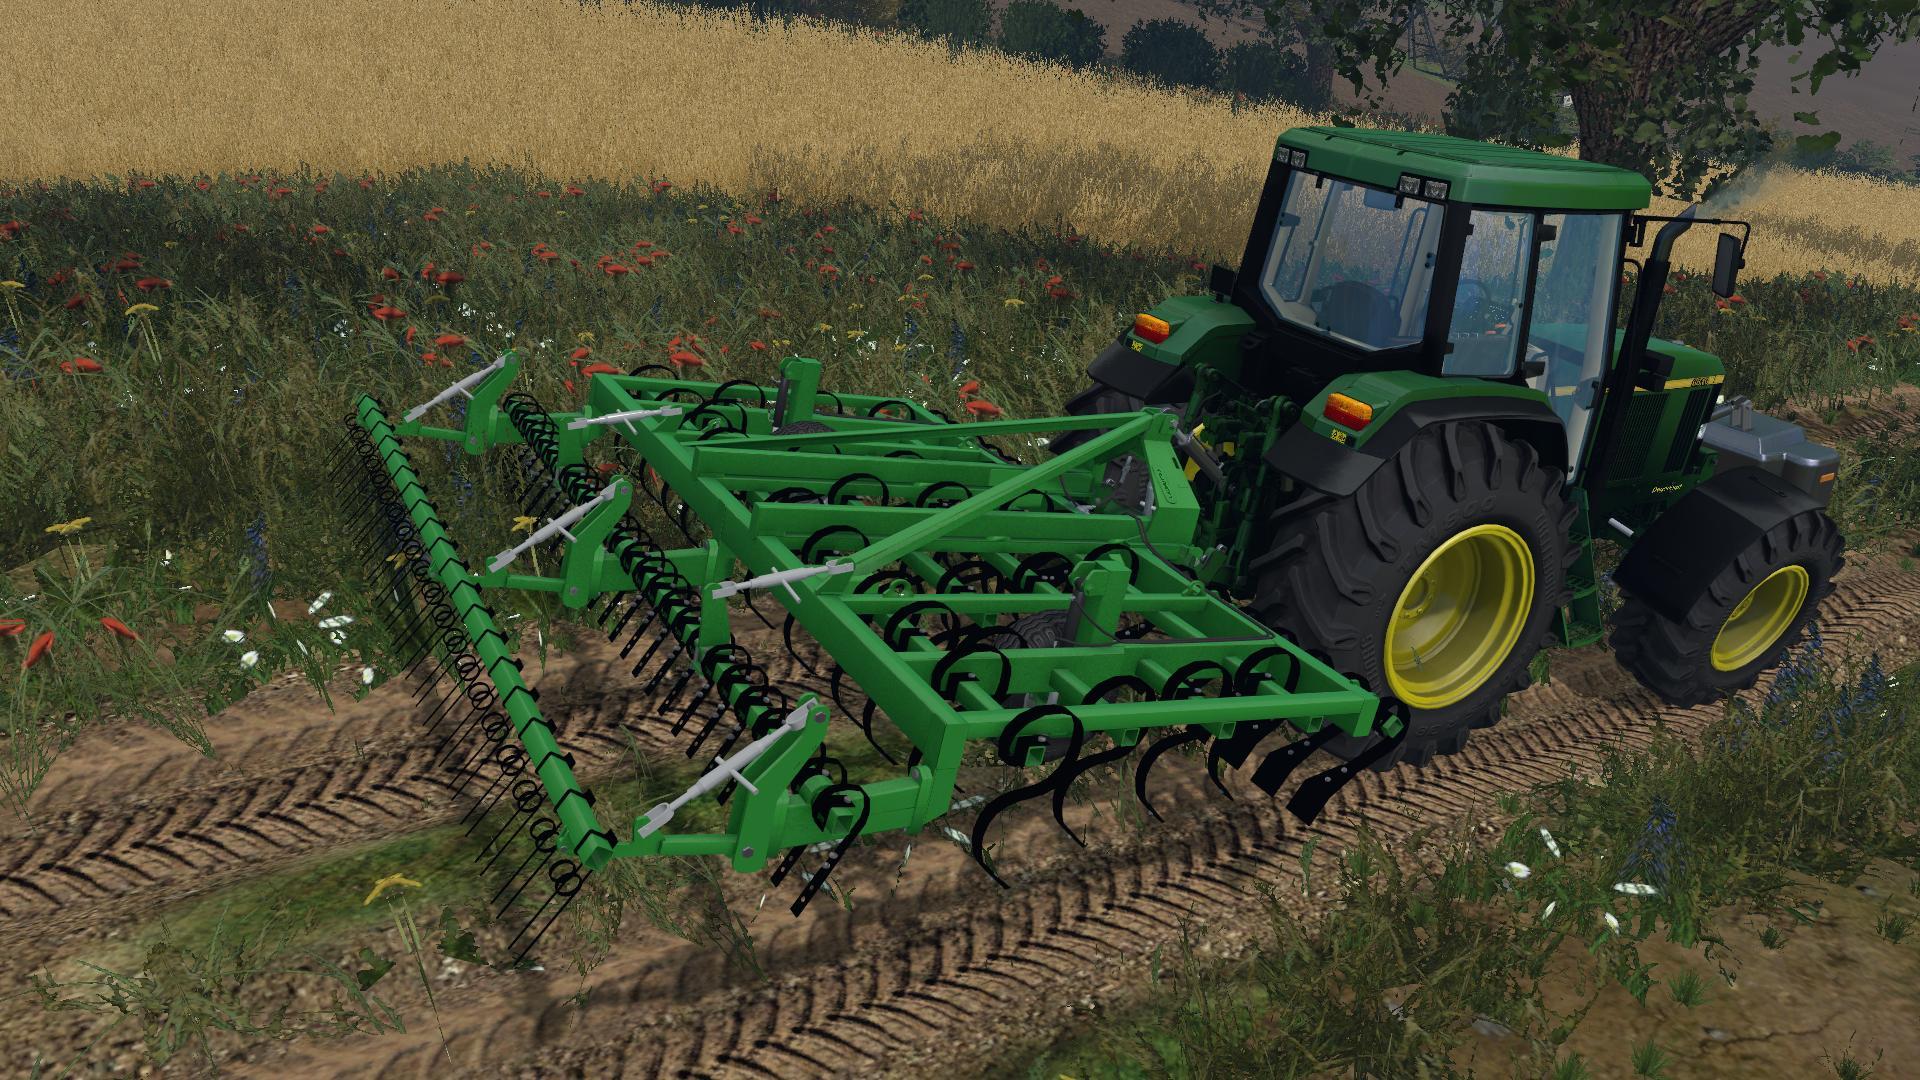 LAUMETRIS SUSPENDED CULTIVATOR KLL-4 V1 • Farming simulator 19, 17